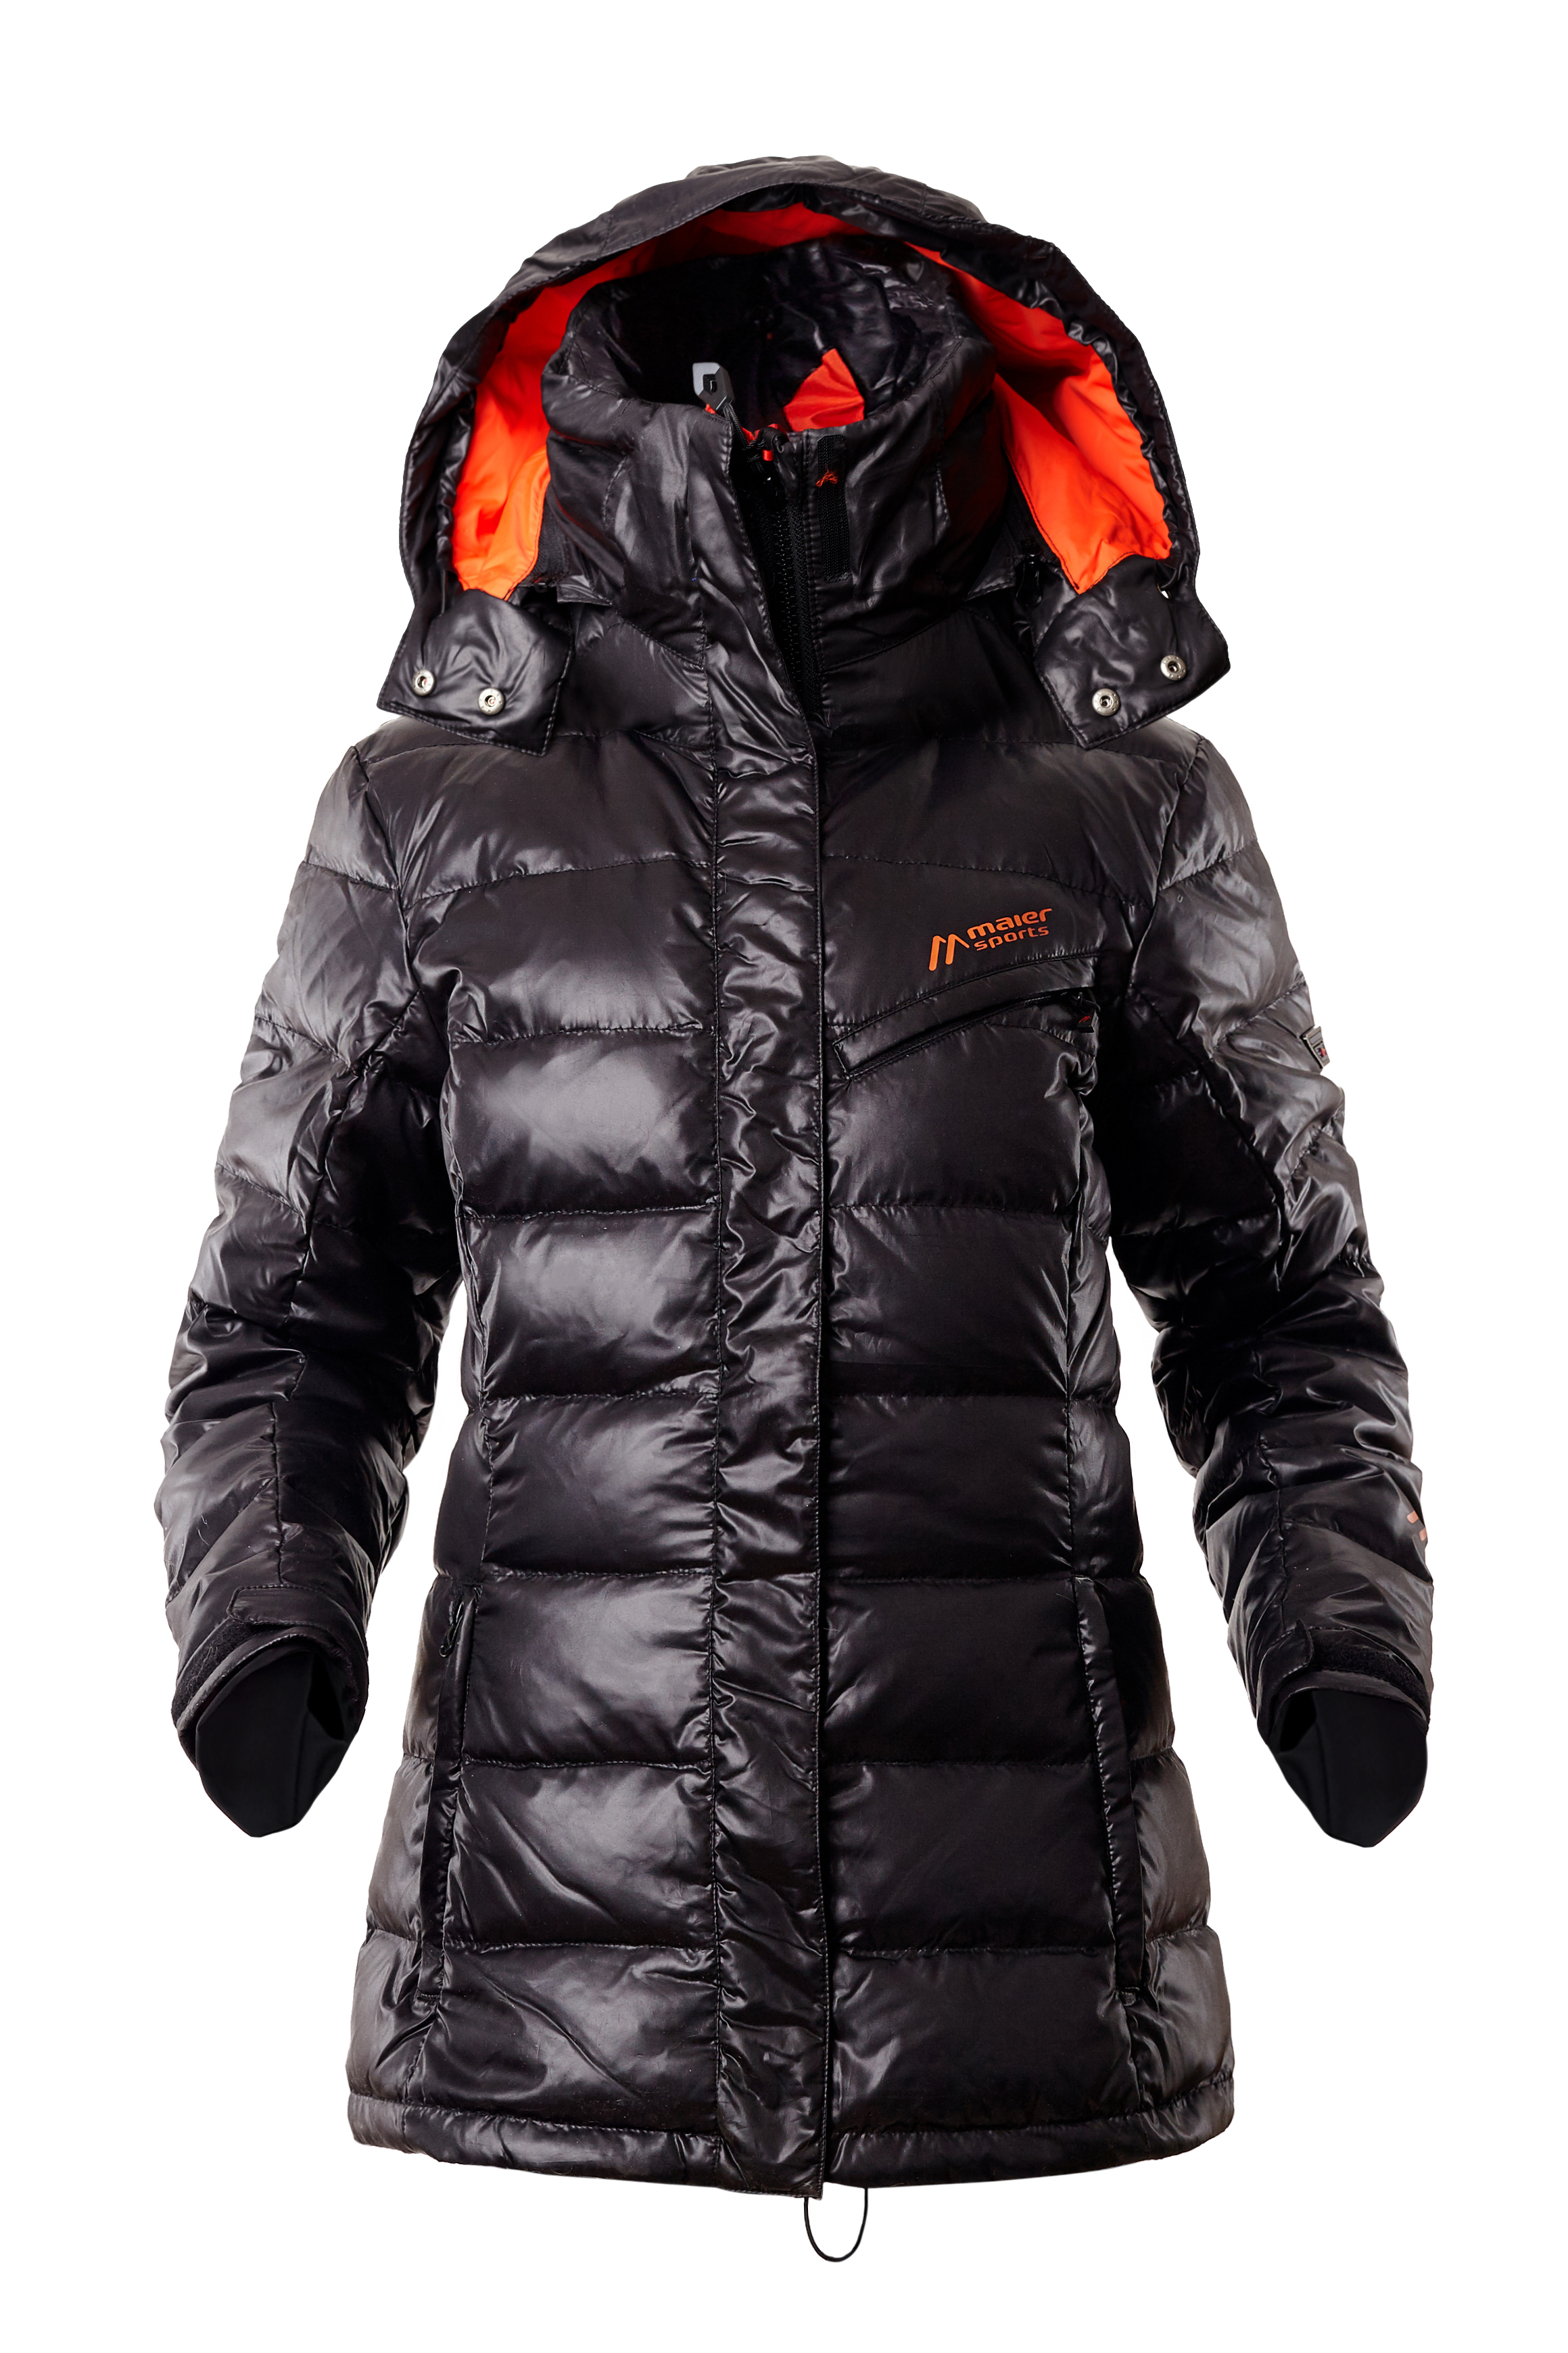 Купить со скидкой Куртка Горнолыжная Maier 2015-16 Julia Black